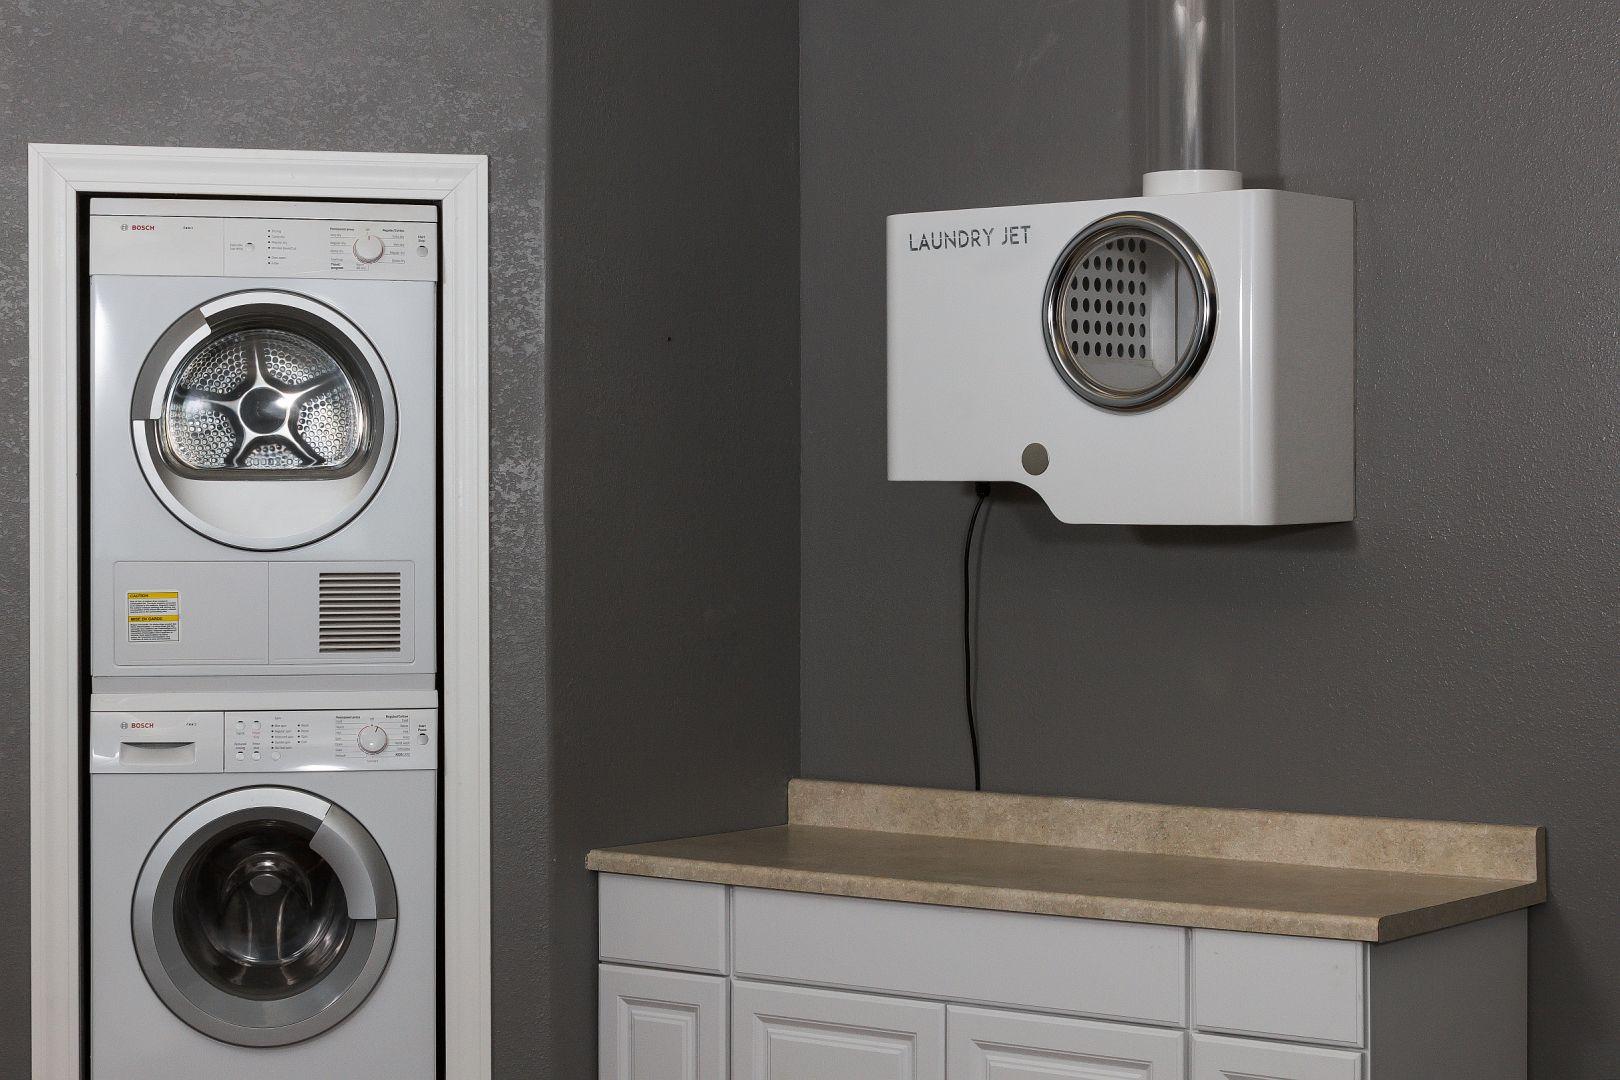 Zaletą systemu jest łatwa obsługa – wystarczy nacisnąć przycisk, a wszystkie przedmioty, takie jak ręczniki, pościel, lekkie koce i ubrania transportowane są w odpowiednie miejsce. Fot. Ecomax